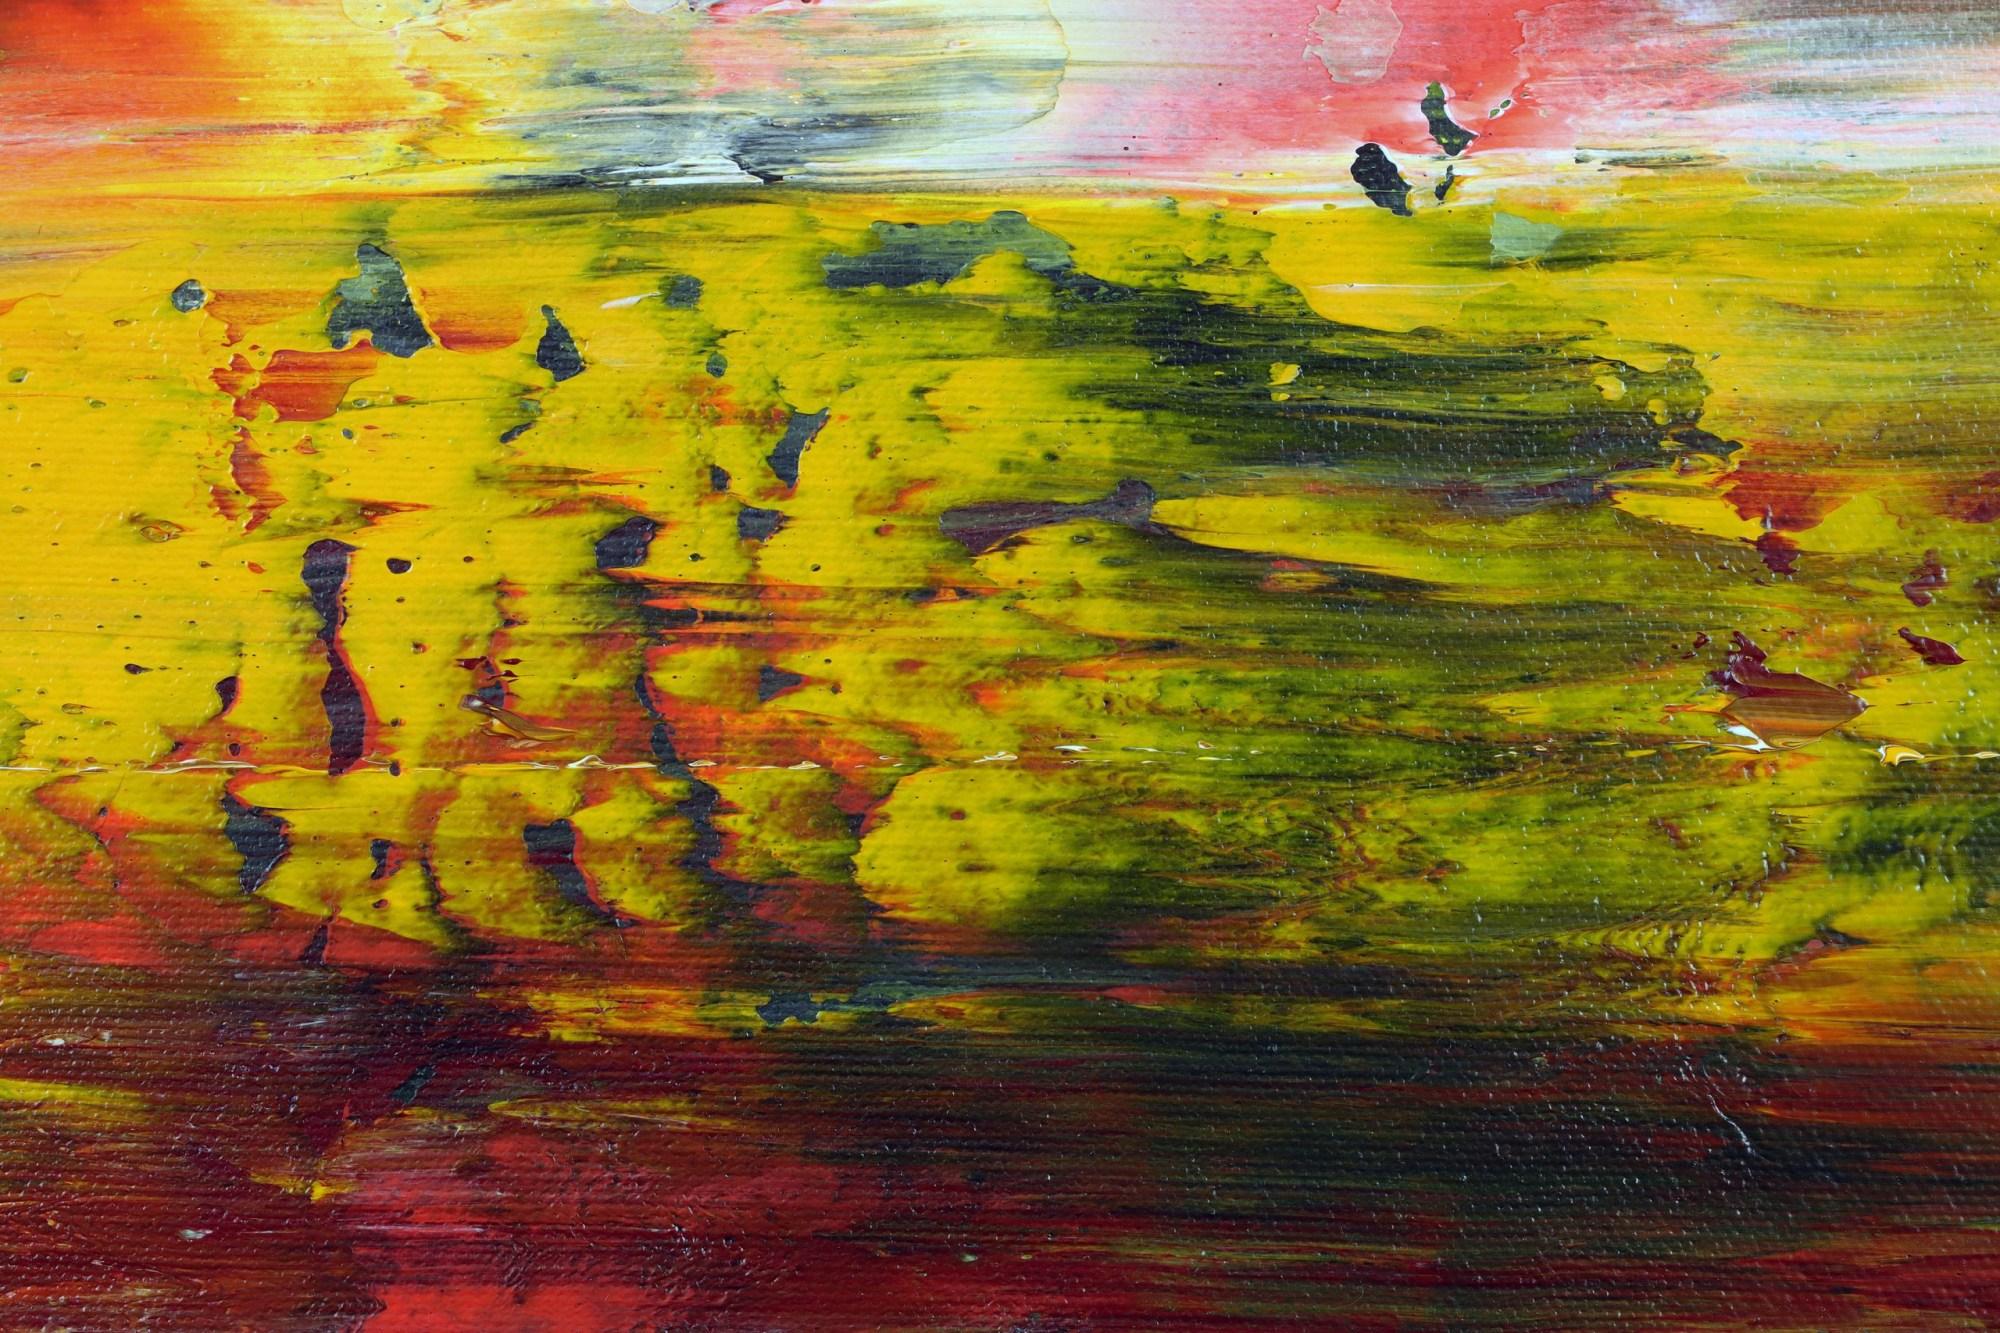 DETAIL / Summer Harvest Panorama 3 (2021) by Nestor Toro